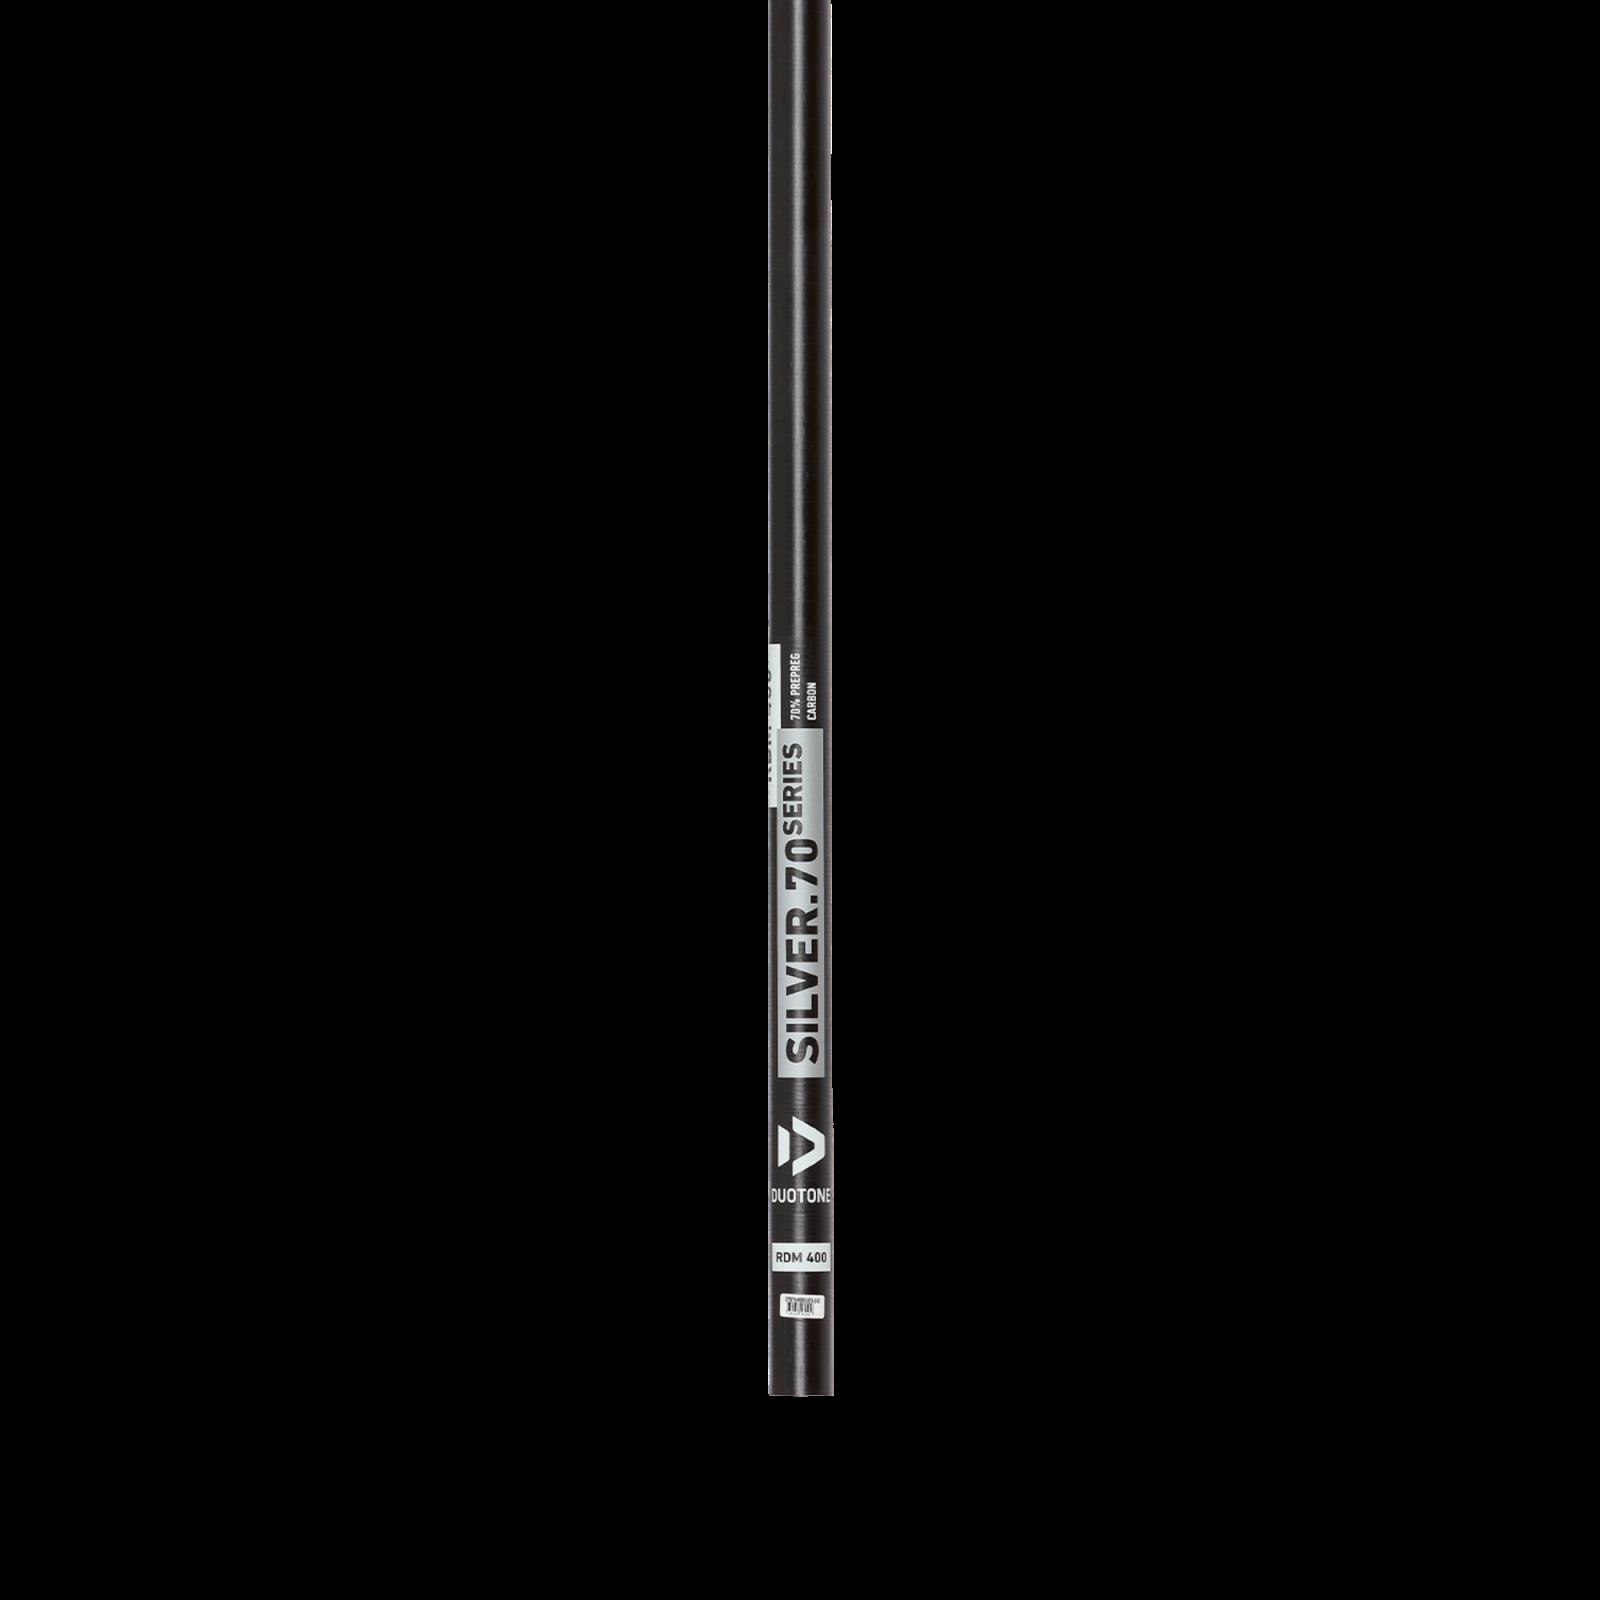 Duotone Silver.70 RDM Mast